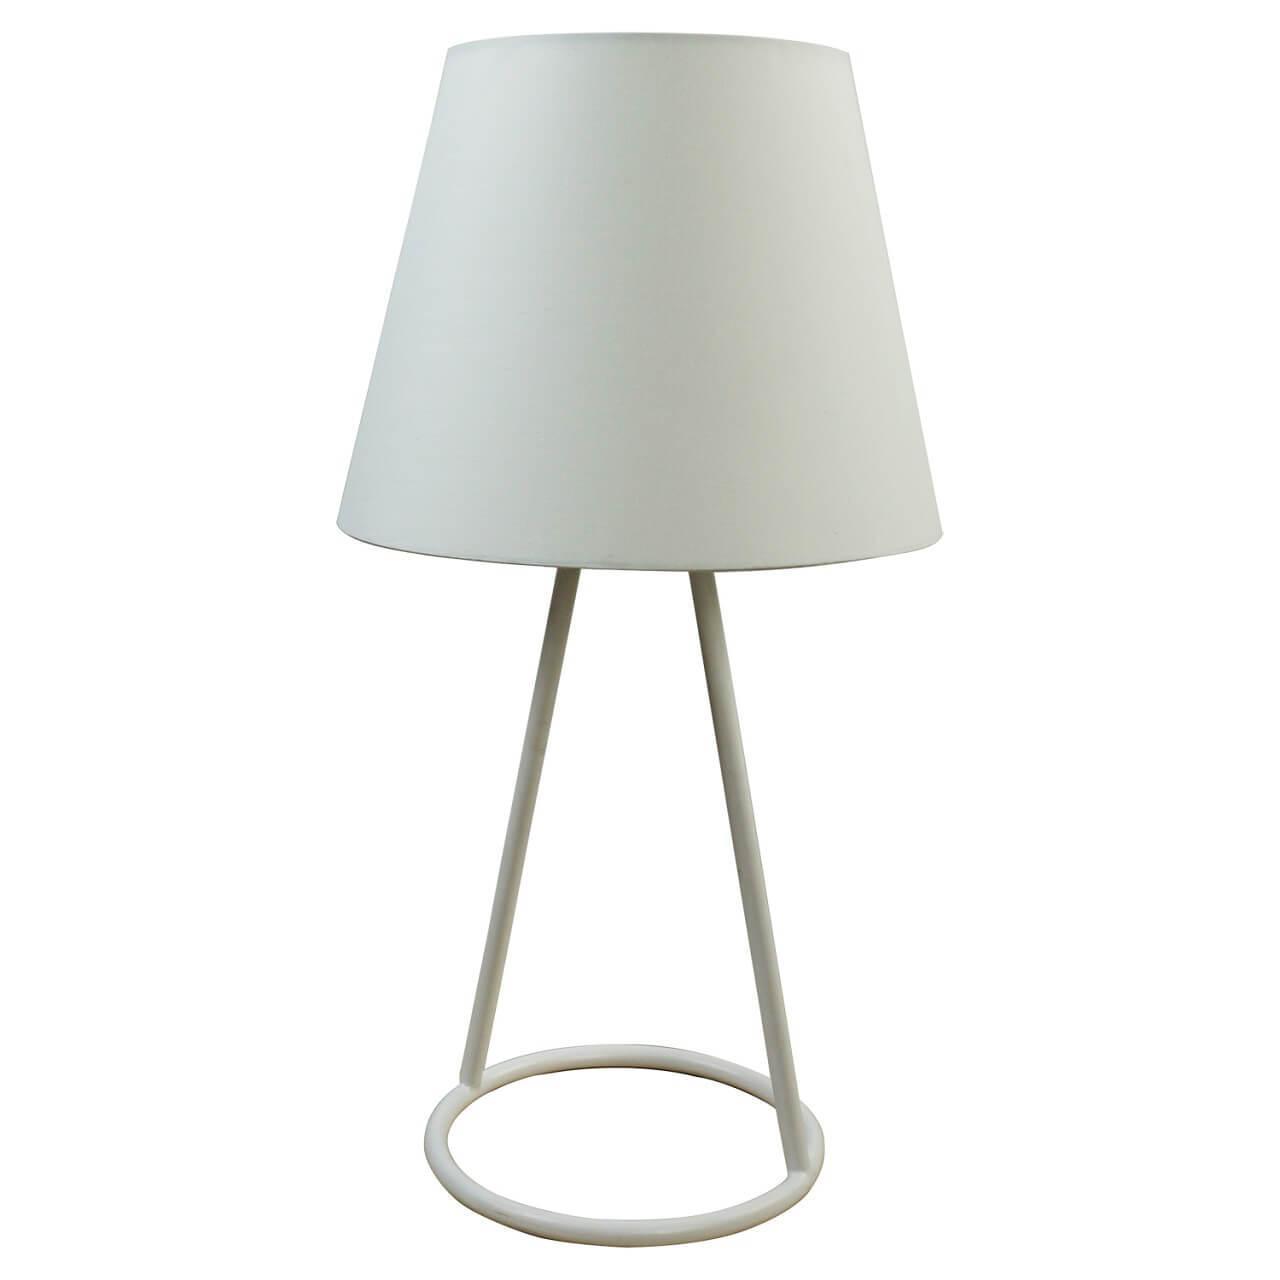 Настольный светильник Lussole GRLSP-9906, E14, 6 Вт